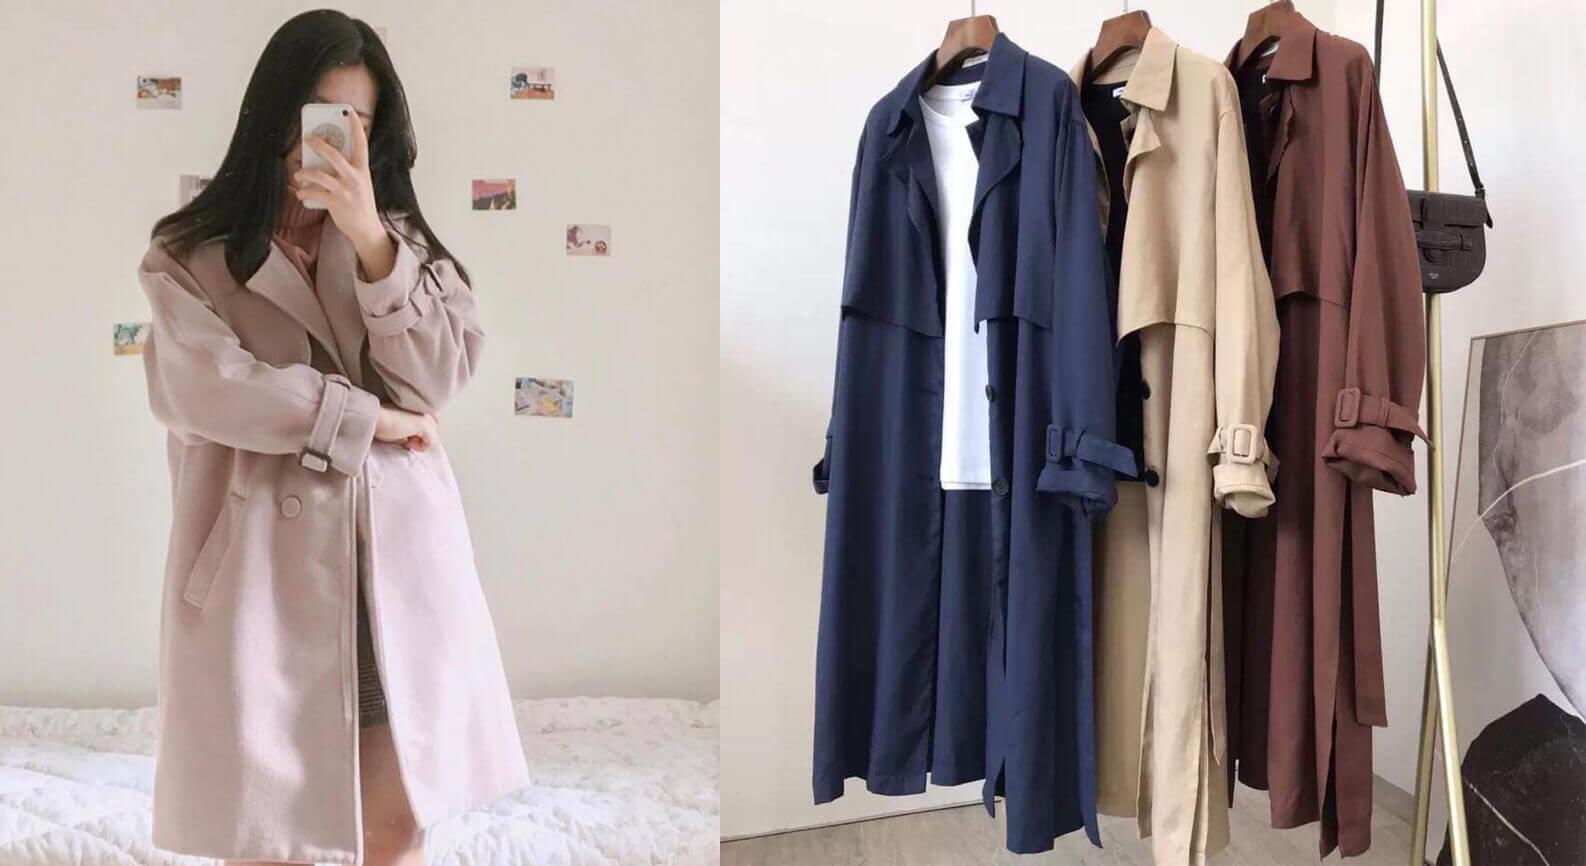 Thay vì lựa chọn các mẫu áo khoác dạ Quảng Châu thì rất nhiều chị em đổ xô nhau đi săn áo khoác dạ, áo măng tô hàng thùng Hàn Quốc, Nhật Bản